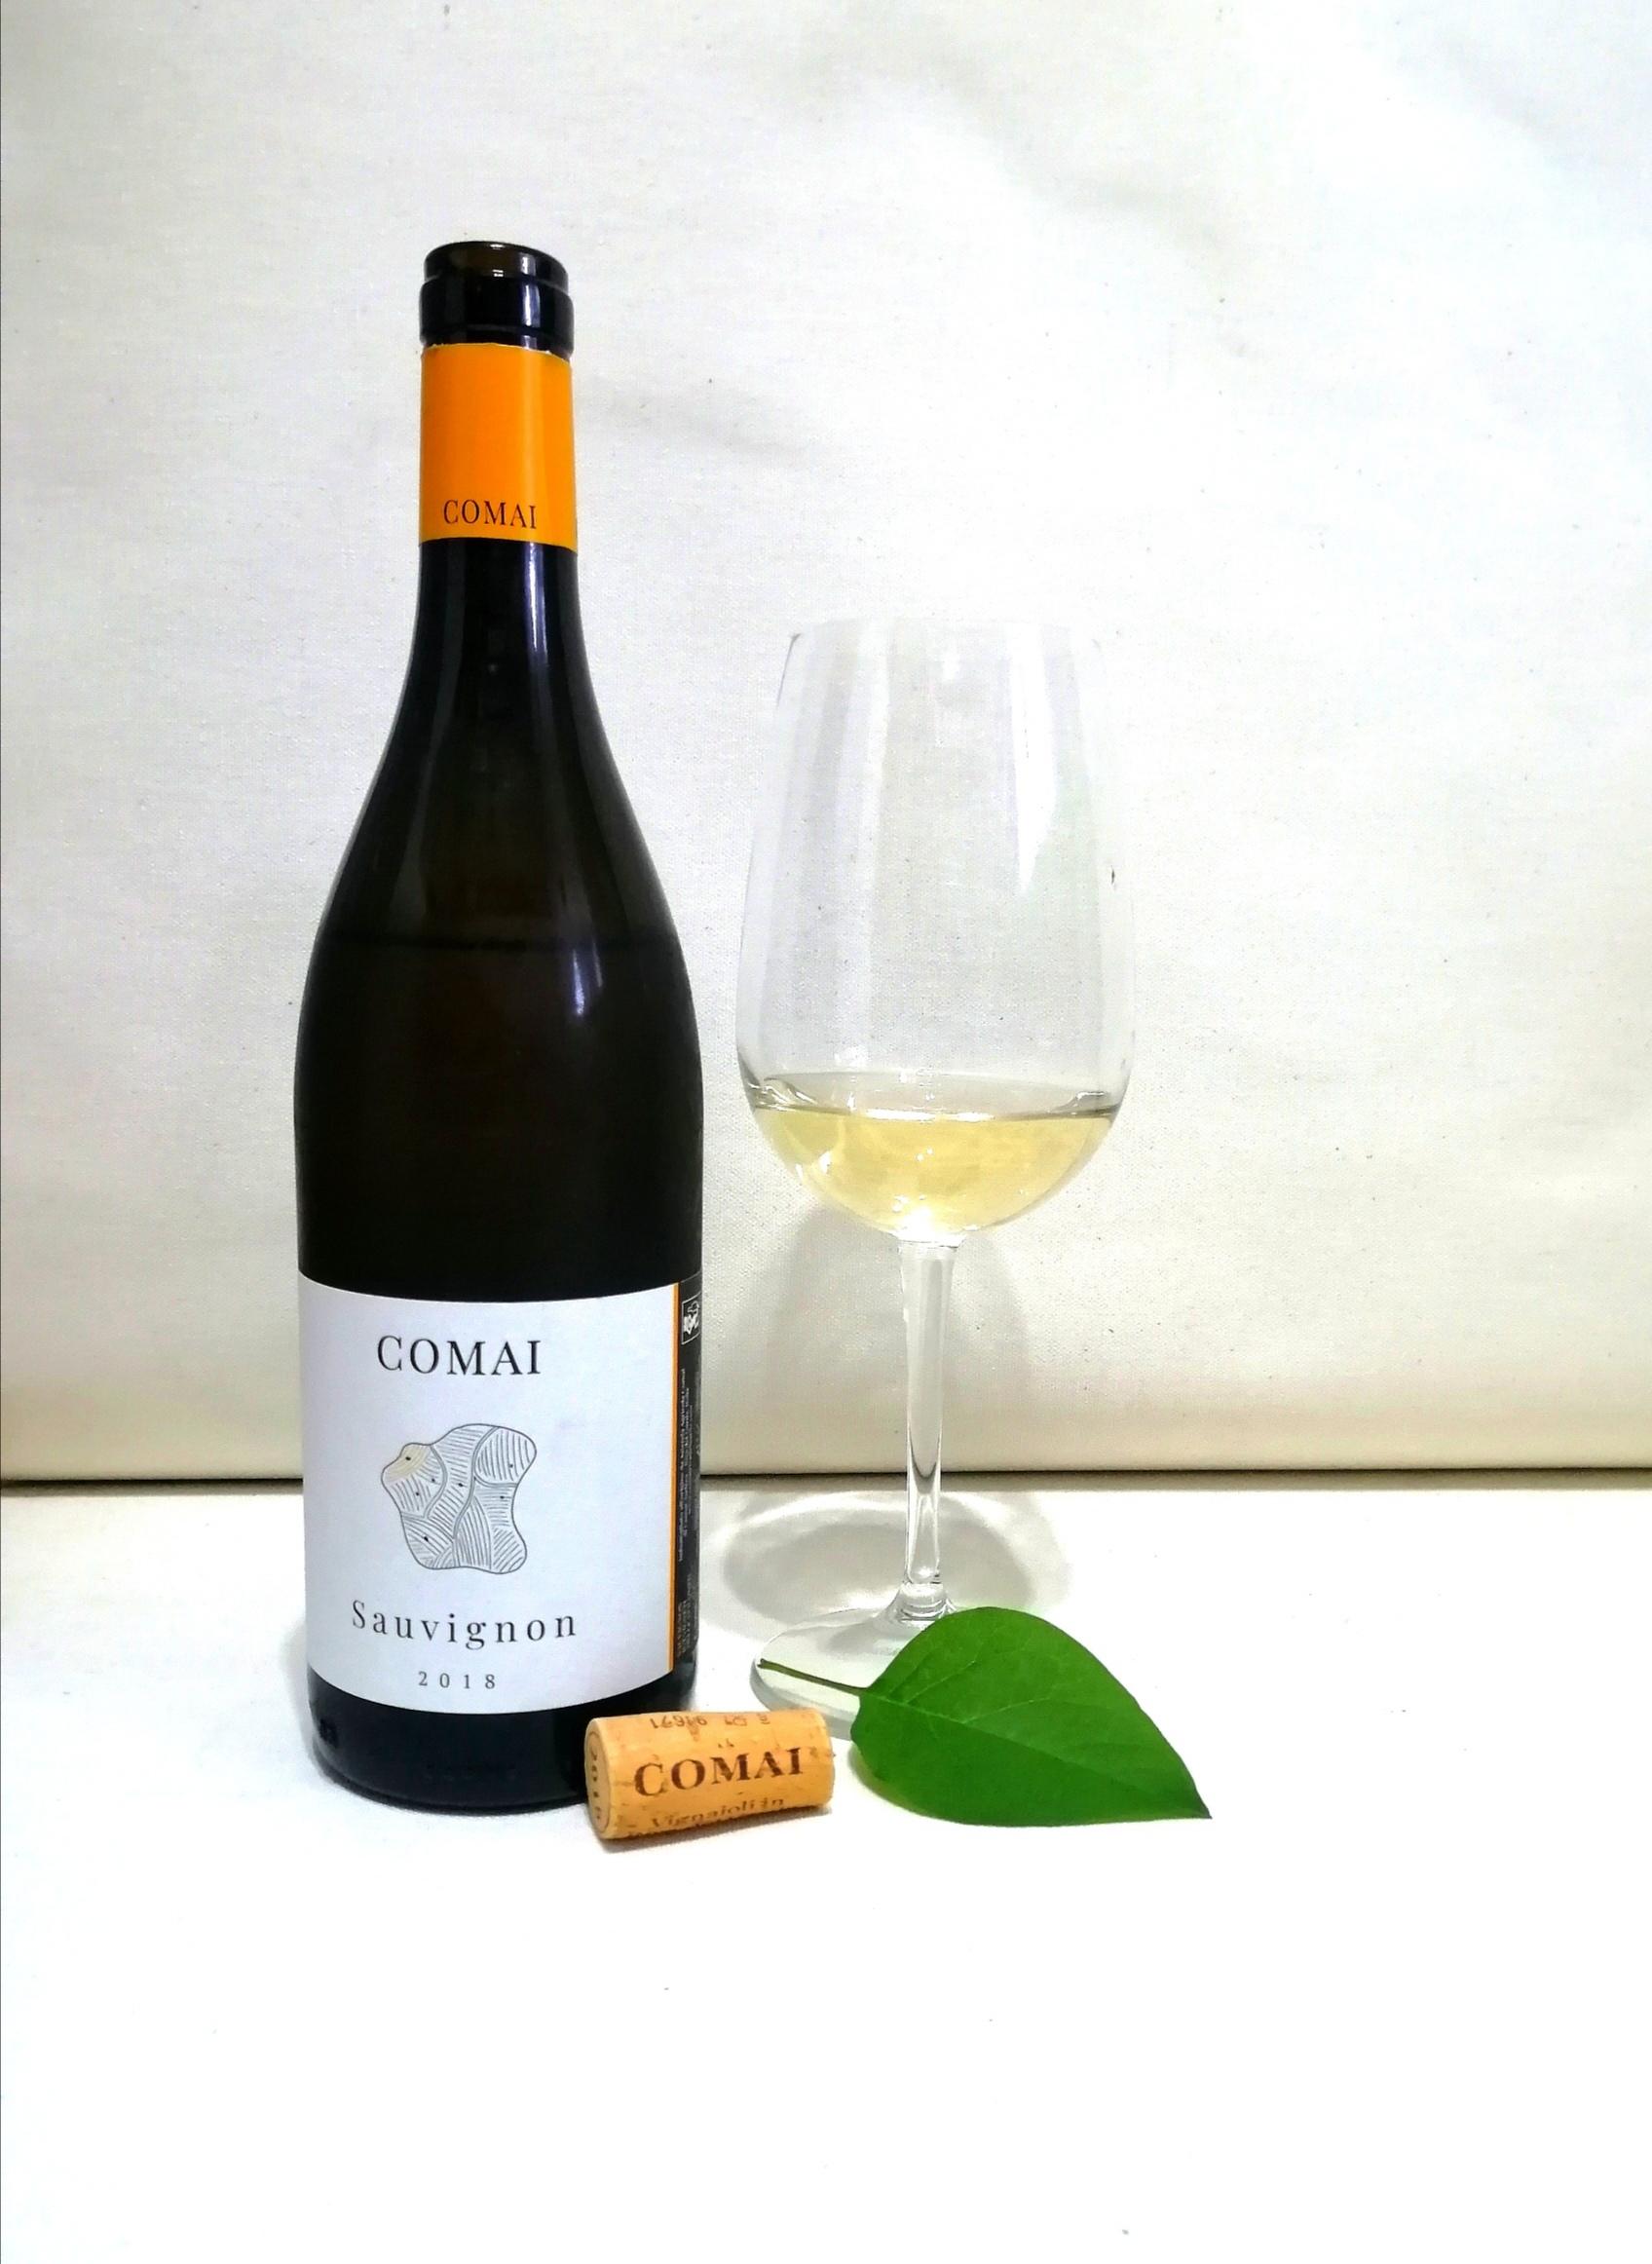 Bottiglia di sauvignon della cantina Comai e bicchiere di vino